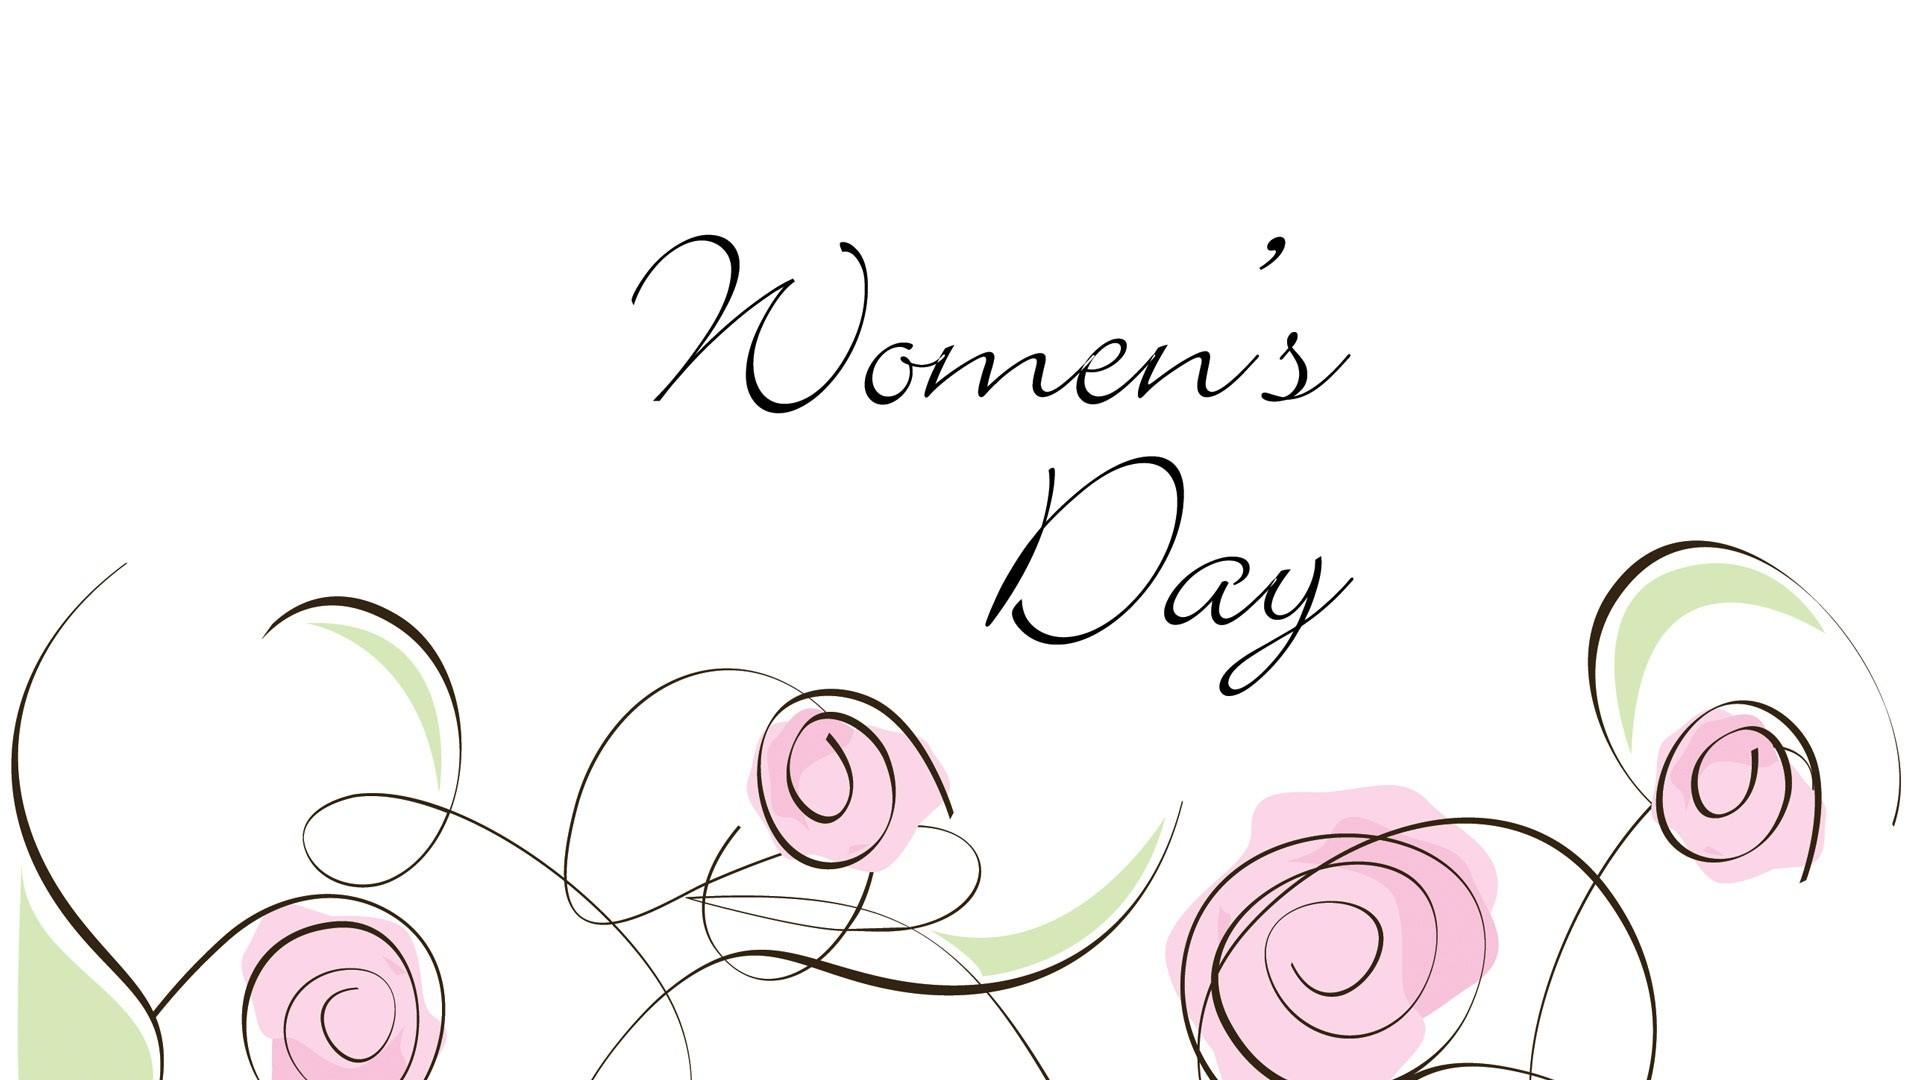 Happy Women's Day image theme